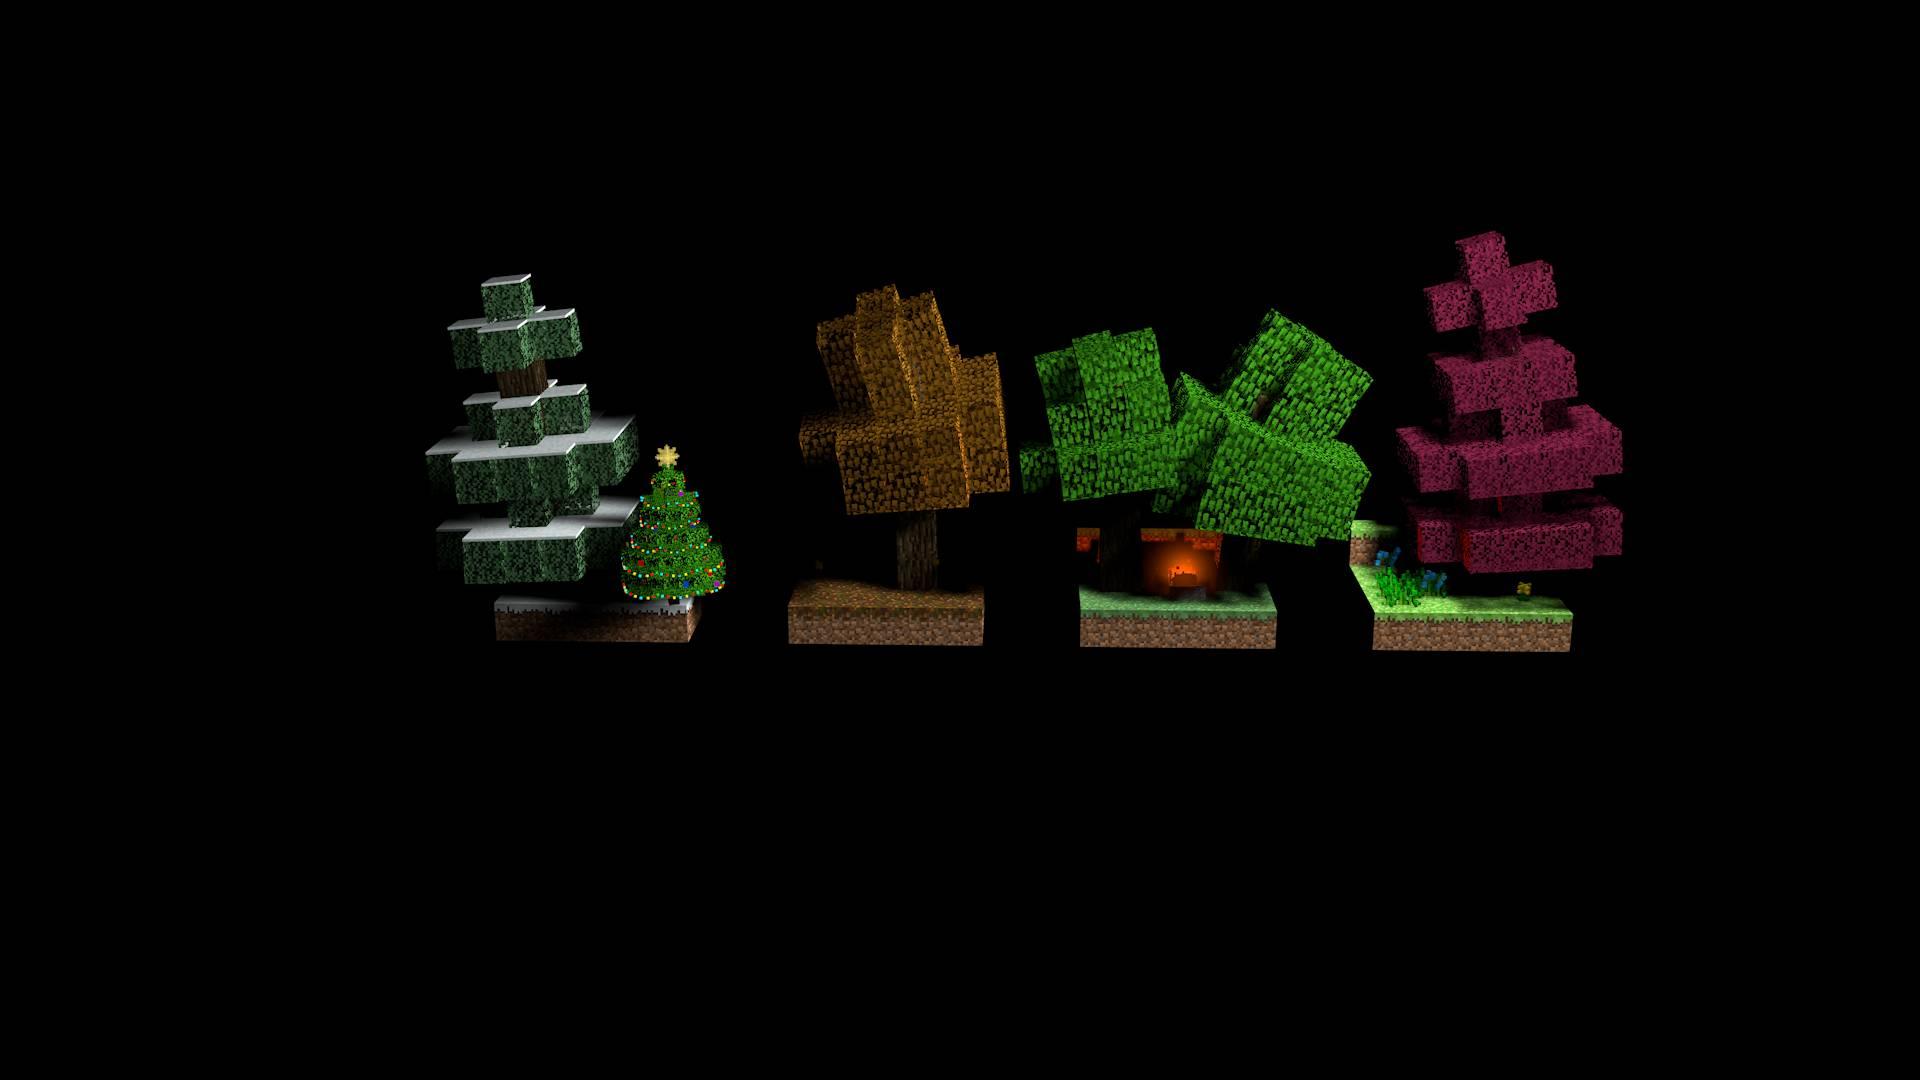 Minecraft Wallpaper 44 1920x1080 768x432